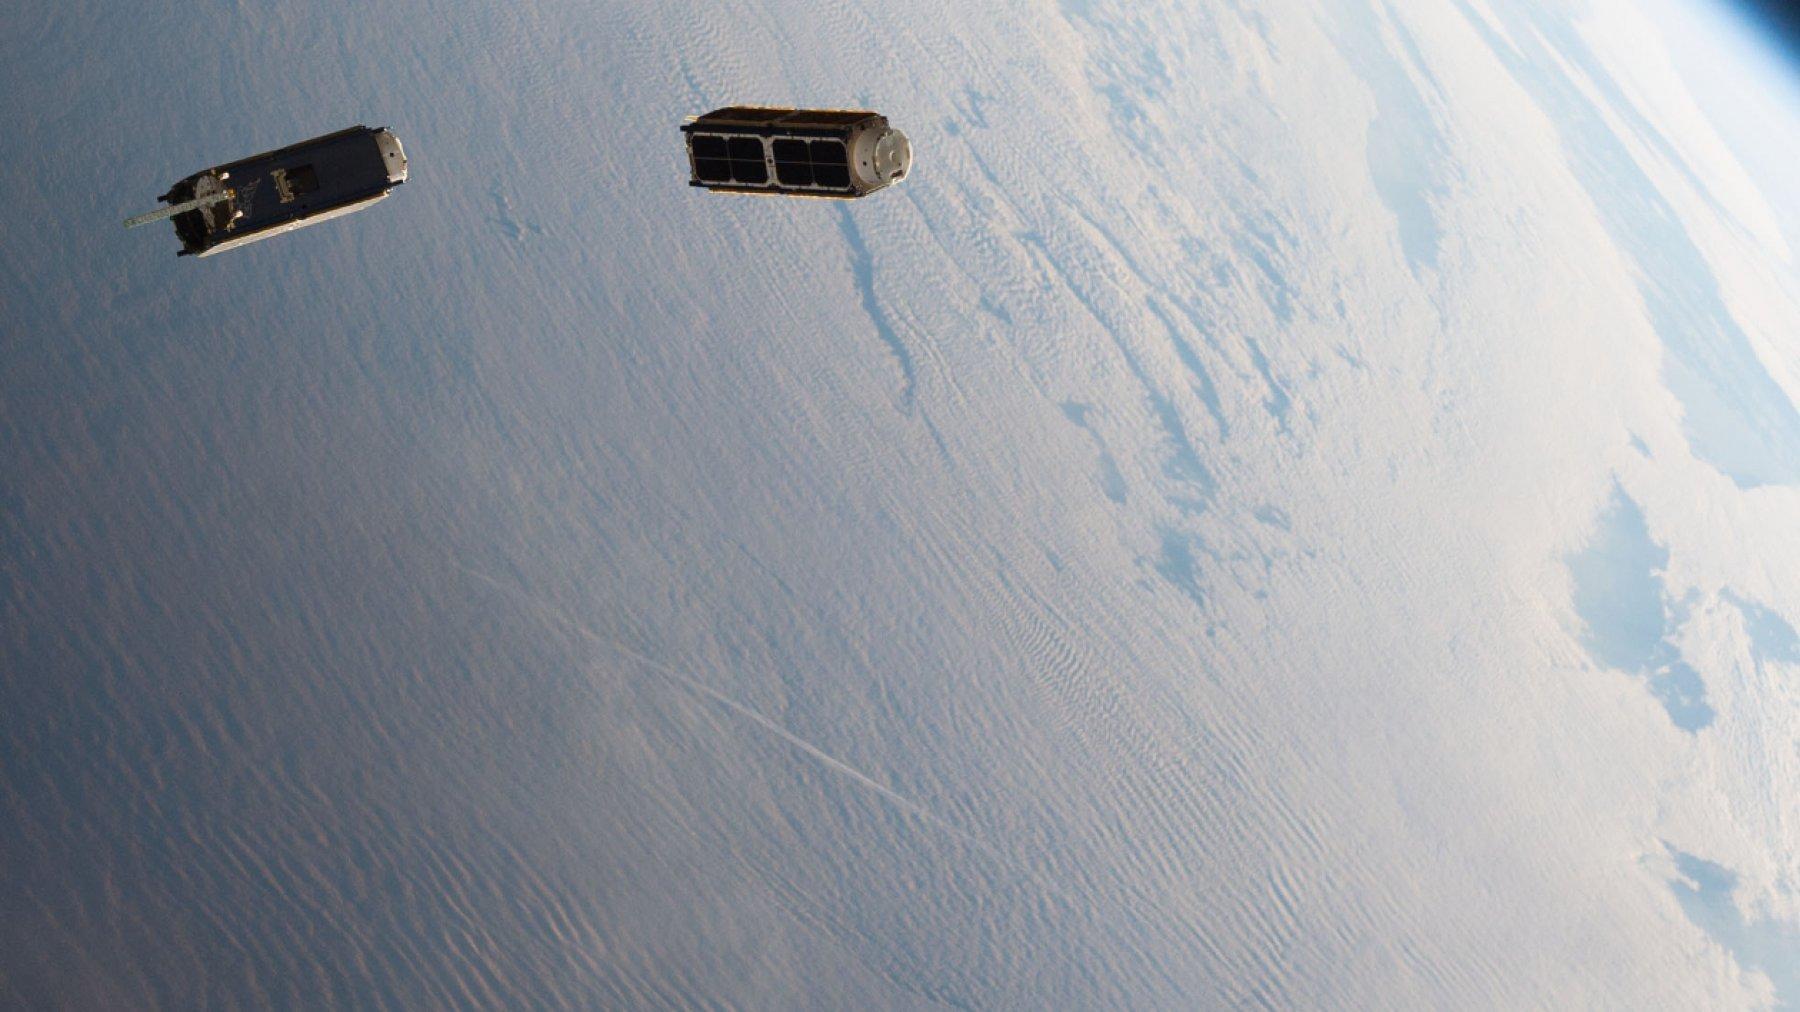 Zwei wie Schuhkartons geformte Satelliten driften um die blaue Erde